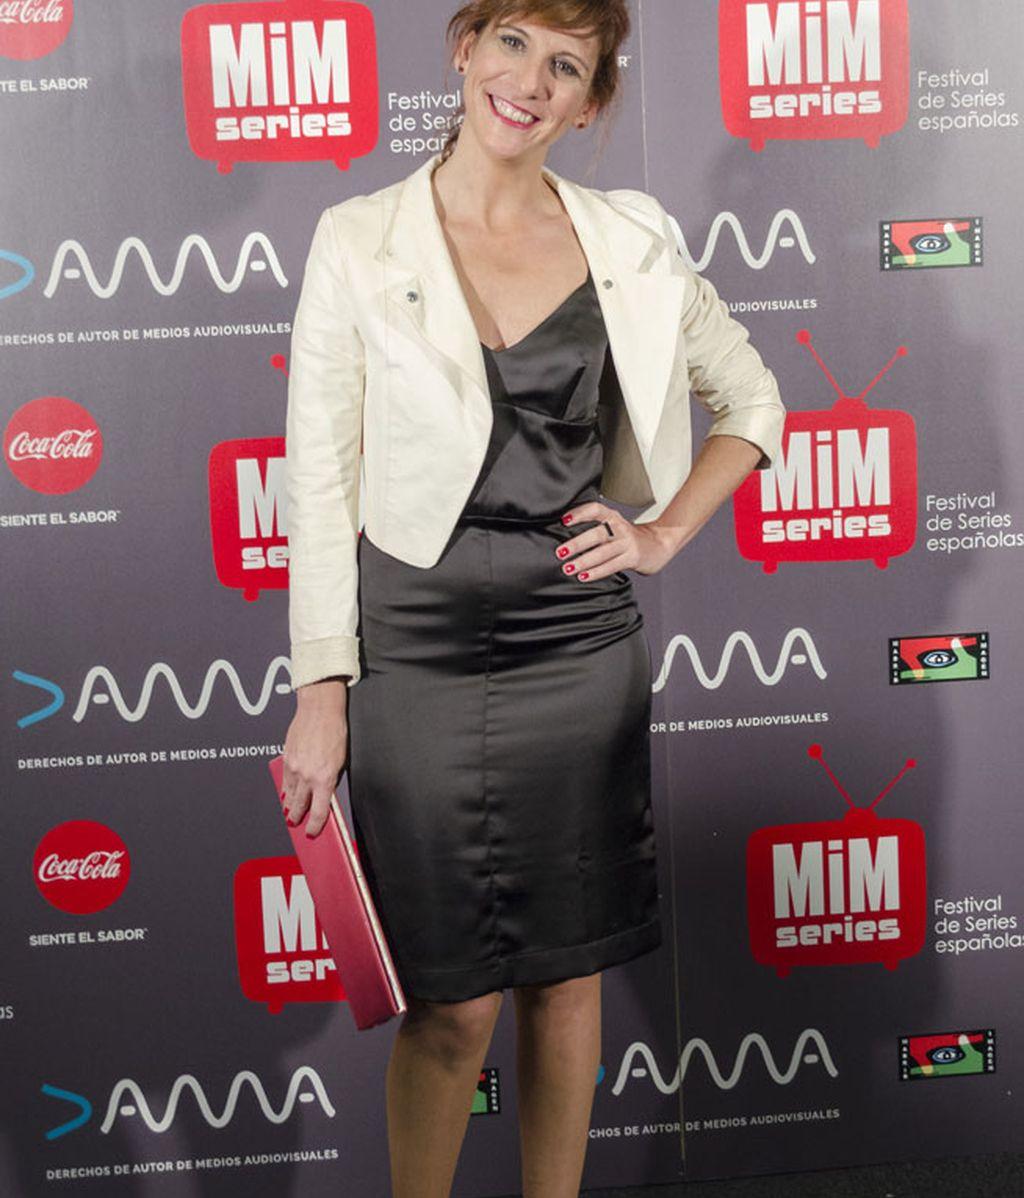 Negro para el vestido, crema para la chaqueta y rosa para el bolso de Malena Alterio